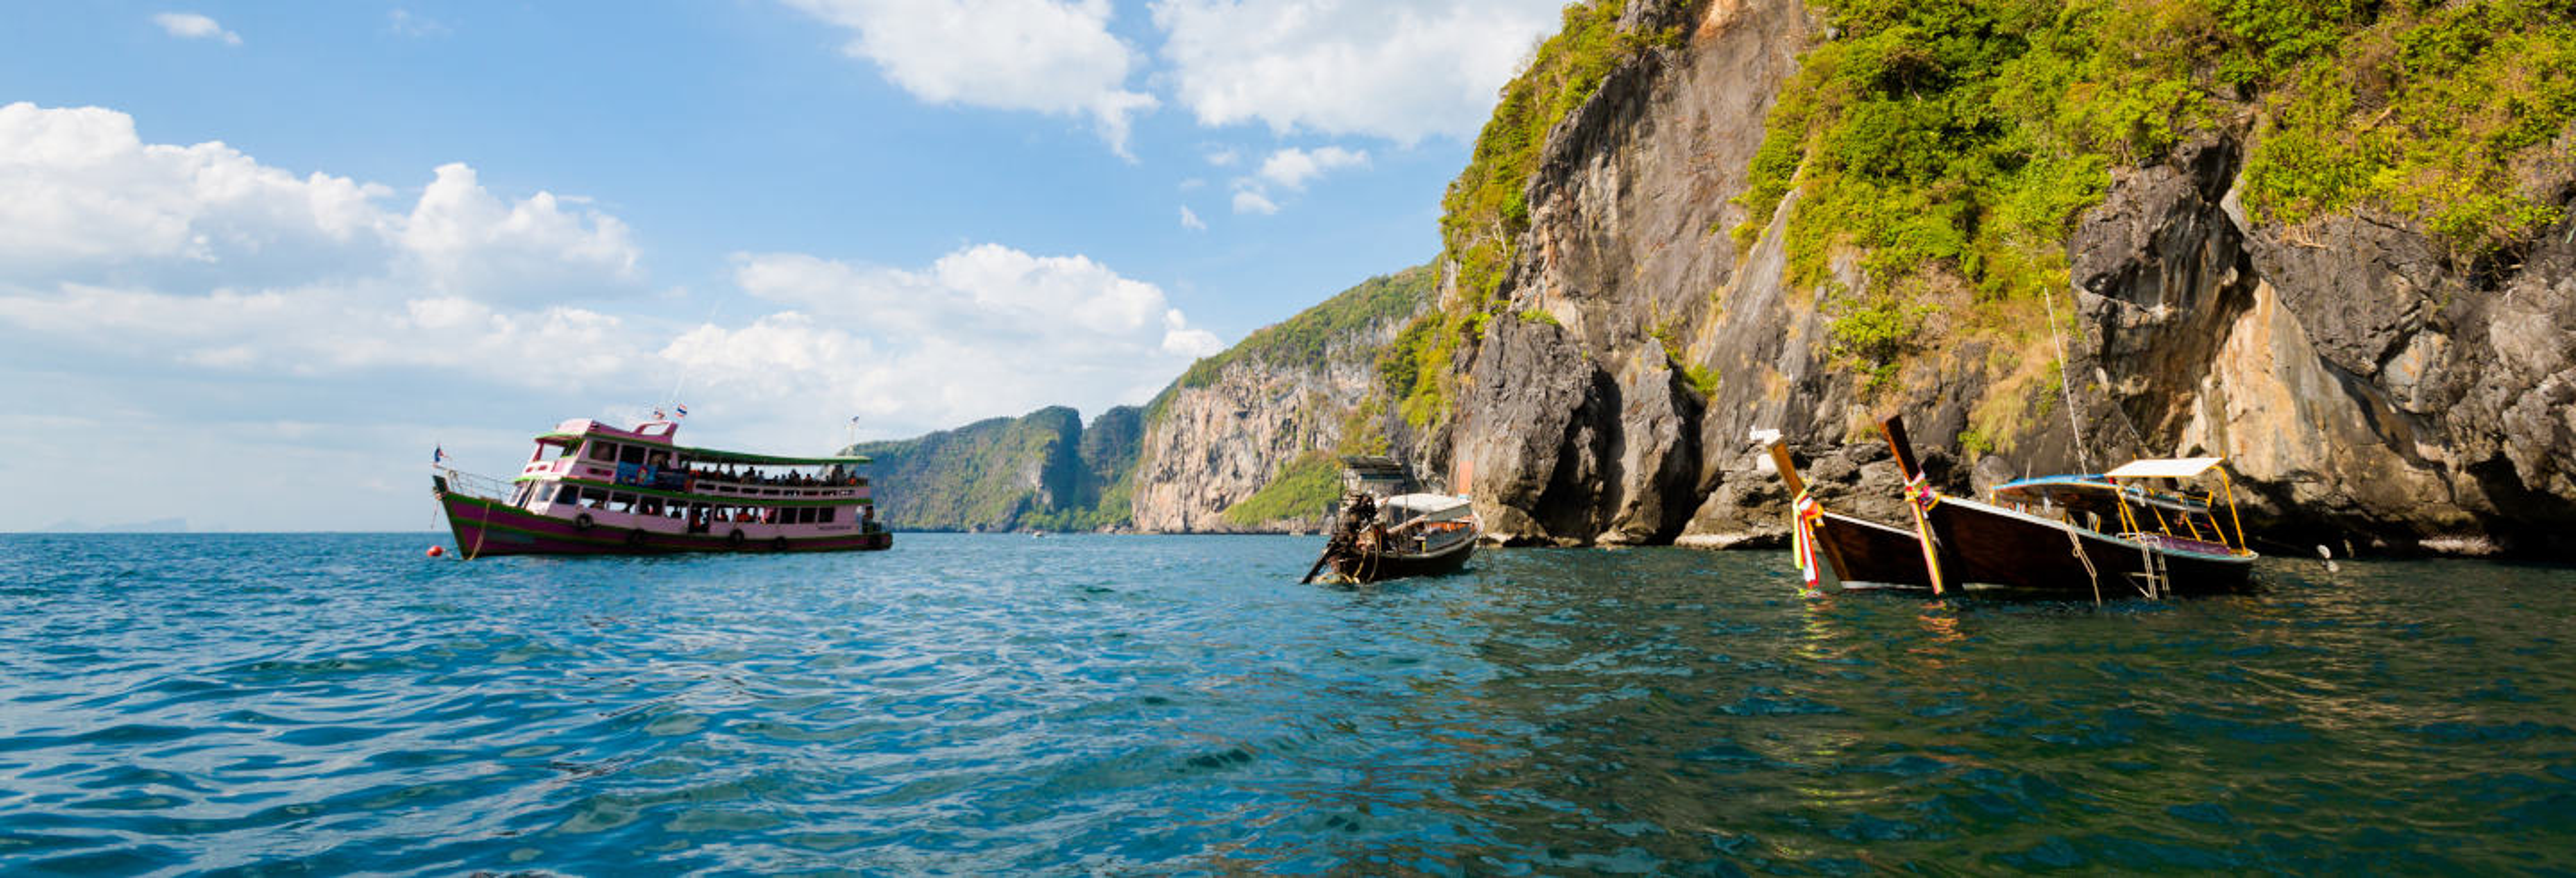 Excursion aux îles de la mer d'Andaman